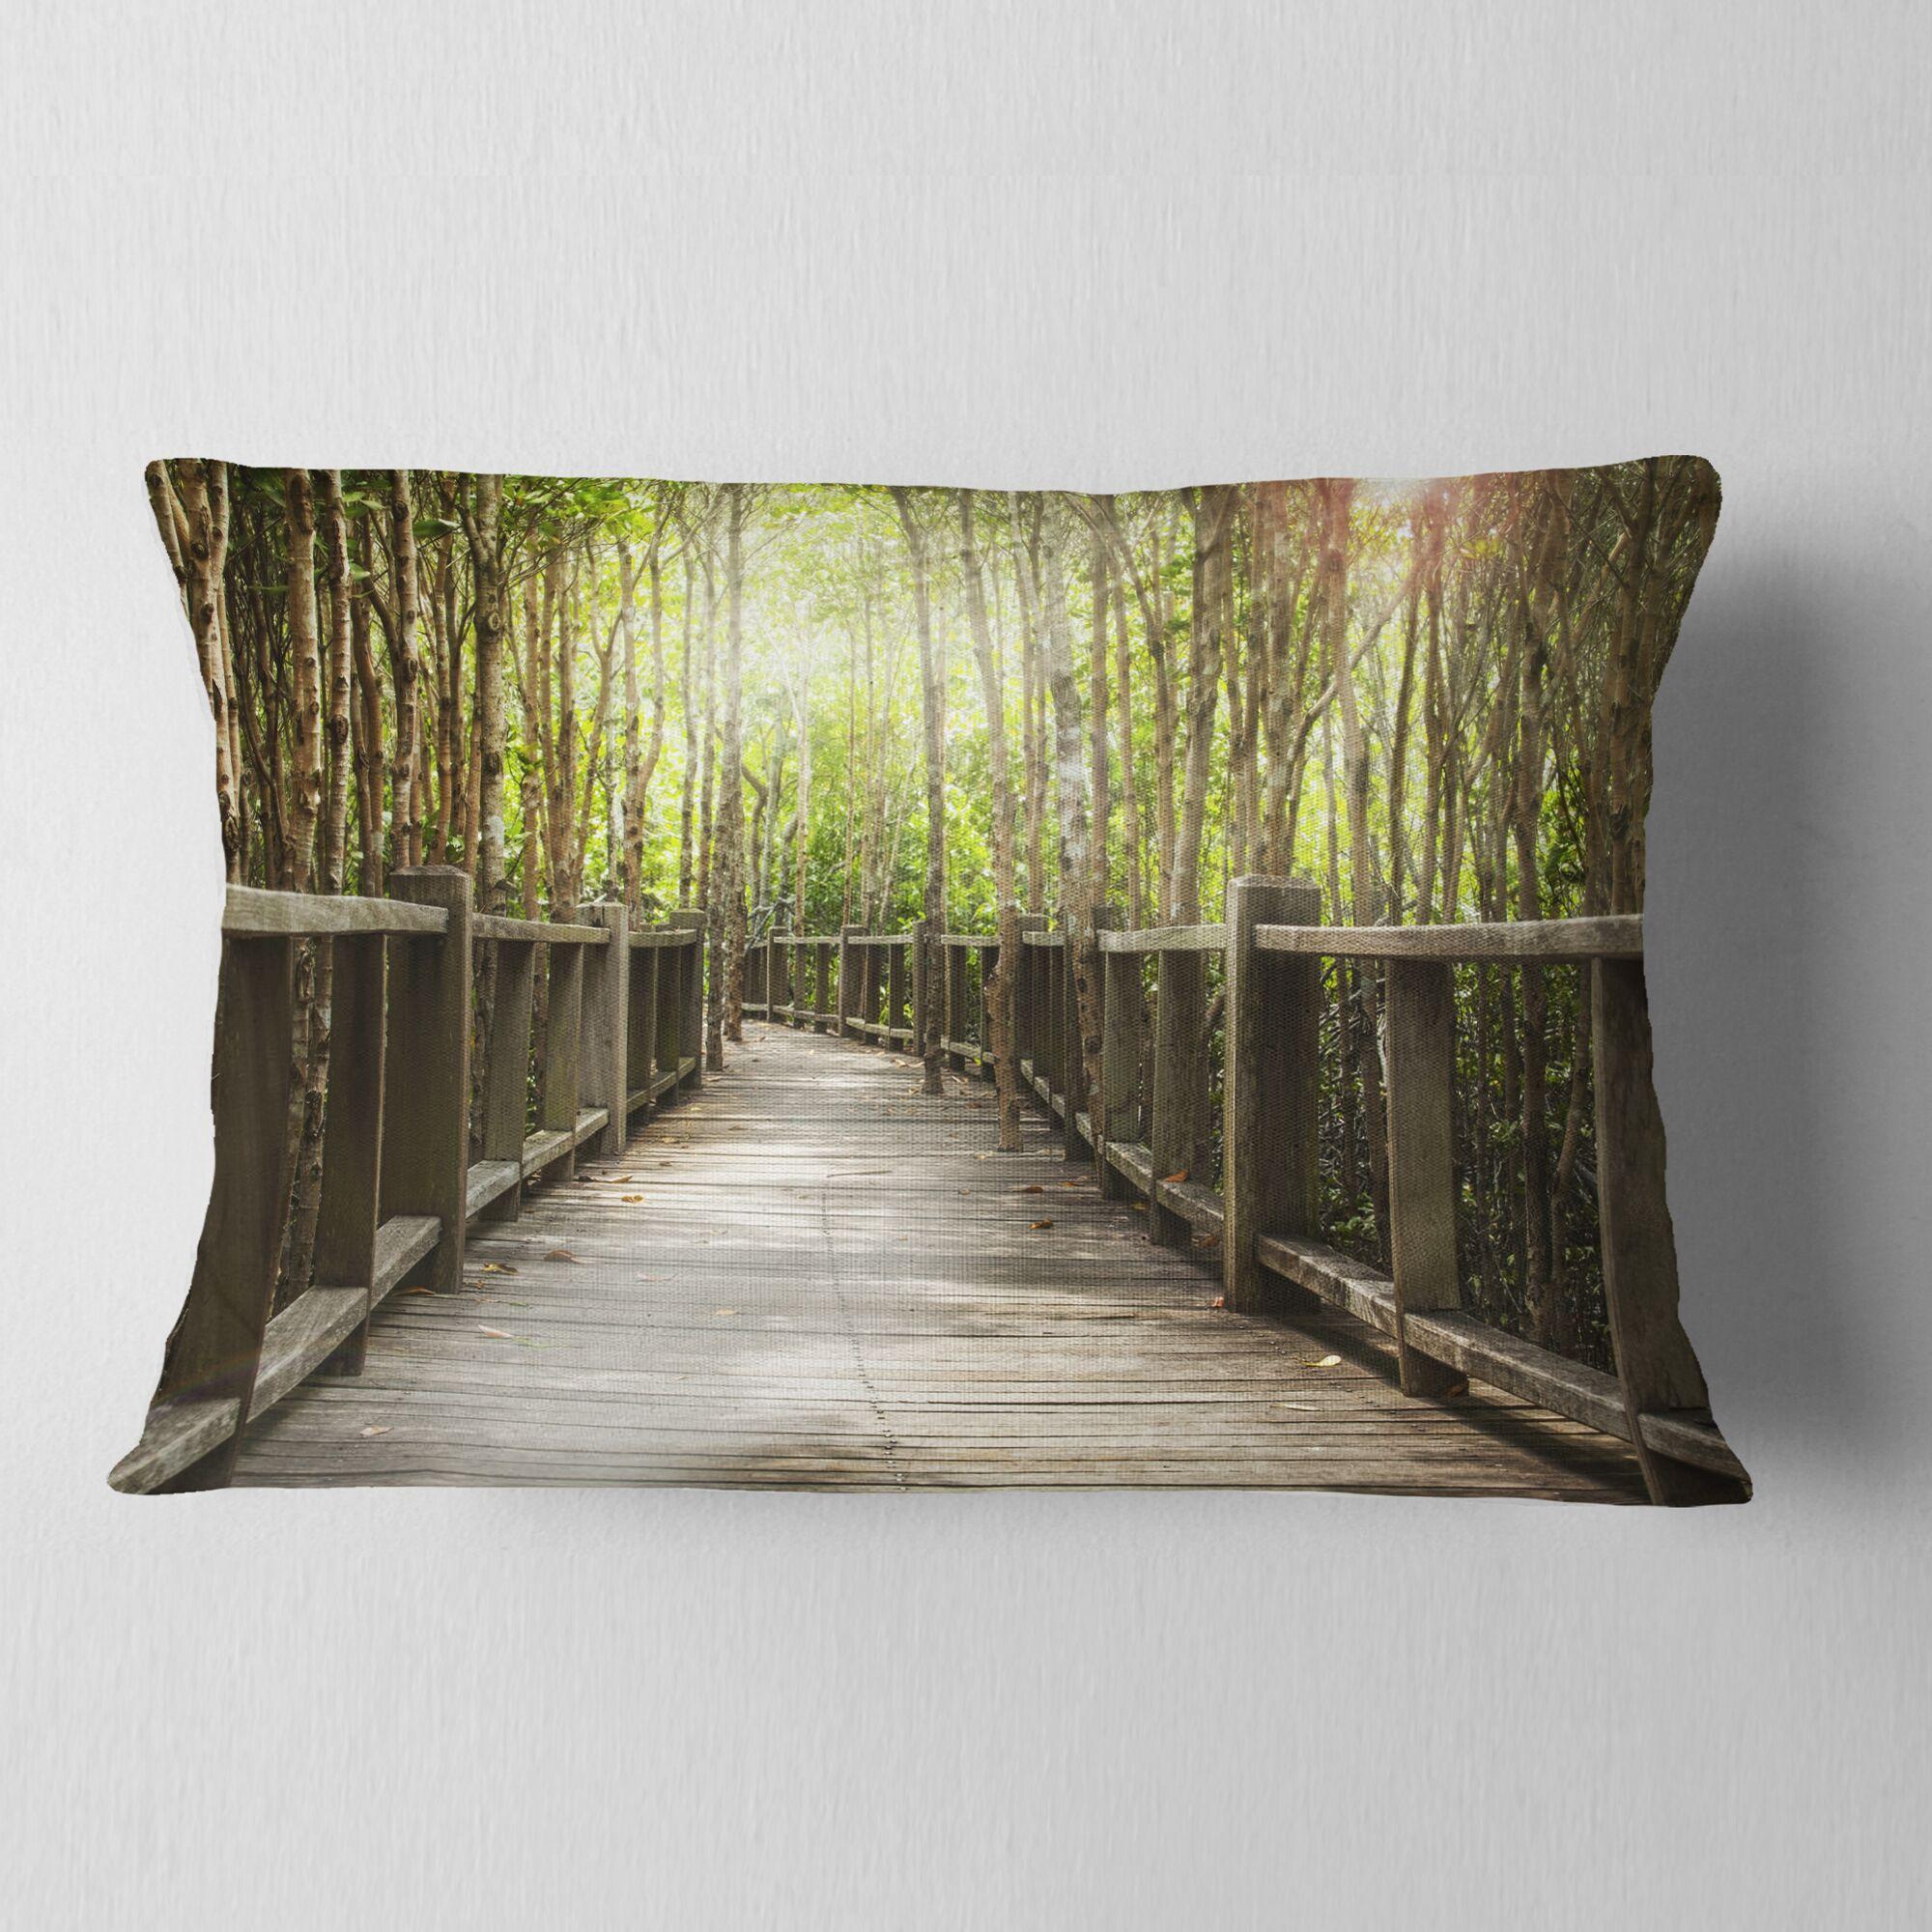 Landscape Wooden Bridge Lumbar Pillow